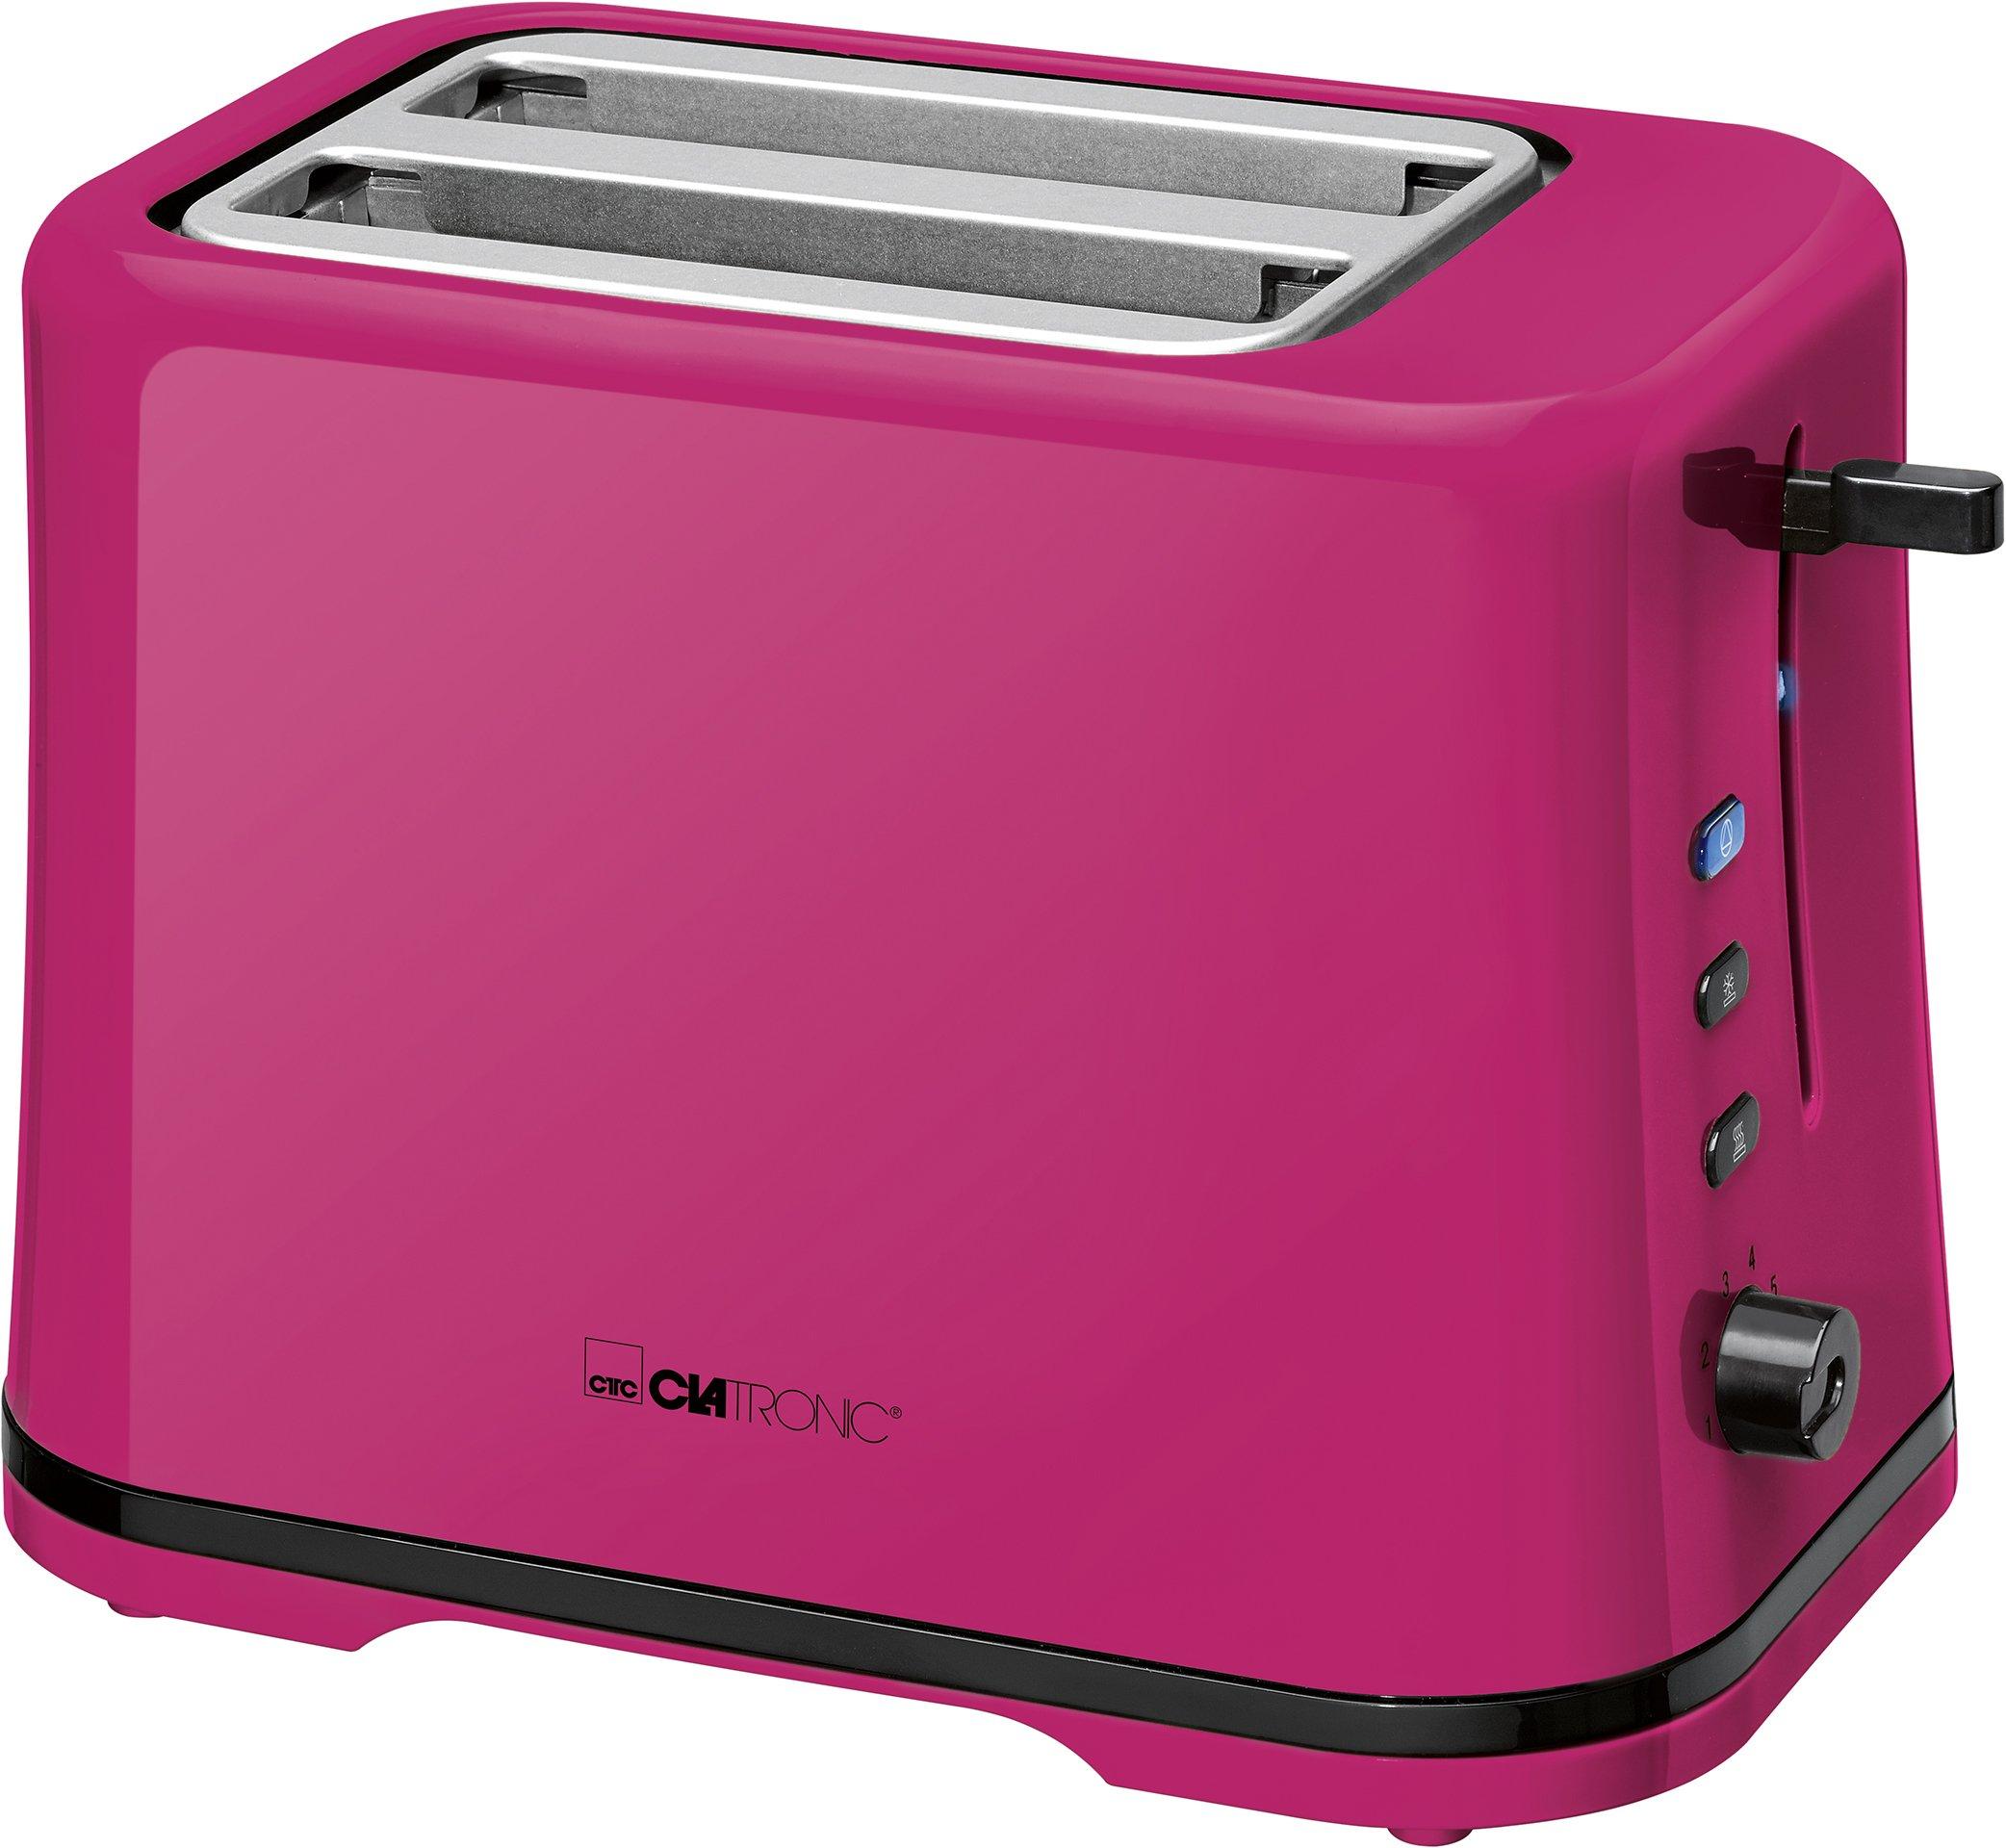 Clatronic-TA-3554-Kompakter-2-Scheiben-Toaster-Brtchenaufsatz-abnehmbar-Aufwrm-Auftau-Schnellstoppfunktion-stufenlos-einstellbarer-Brunungsgrad-Krmelschublade